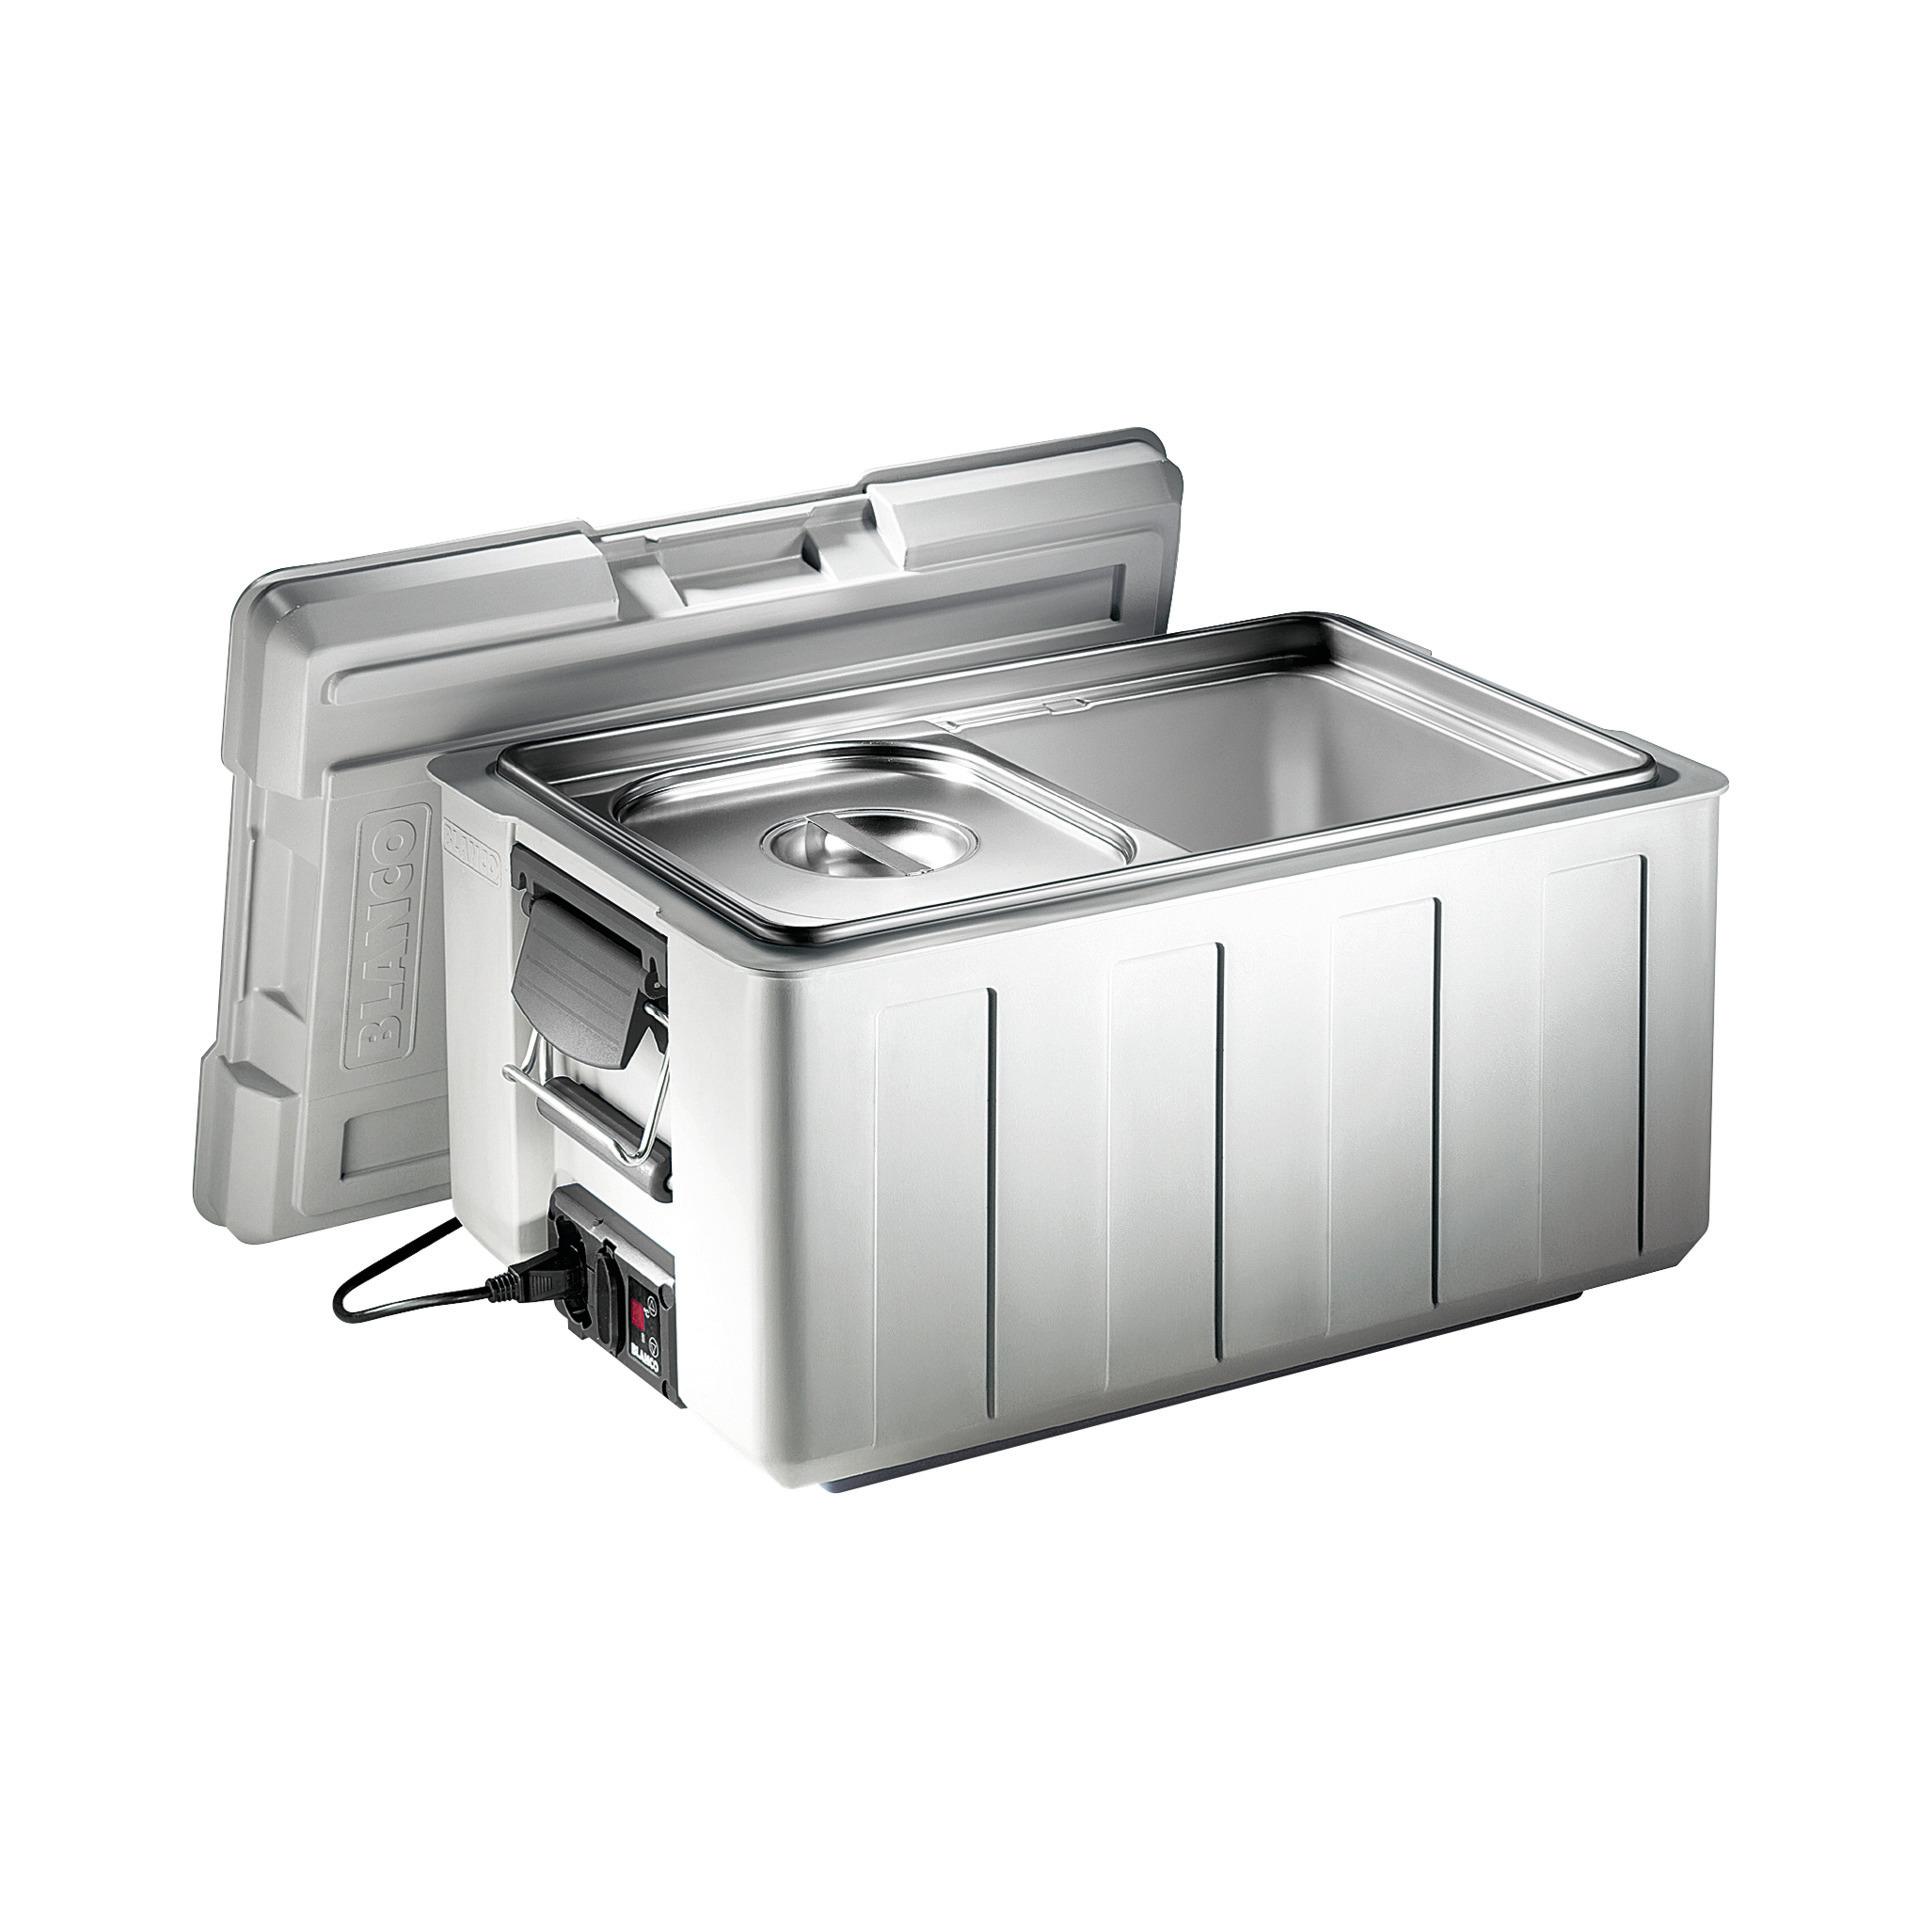 Blancotherm Toplader Kunststoff / mit Temperaturregler / GN 1/1 / mit Deckel